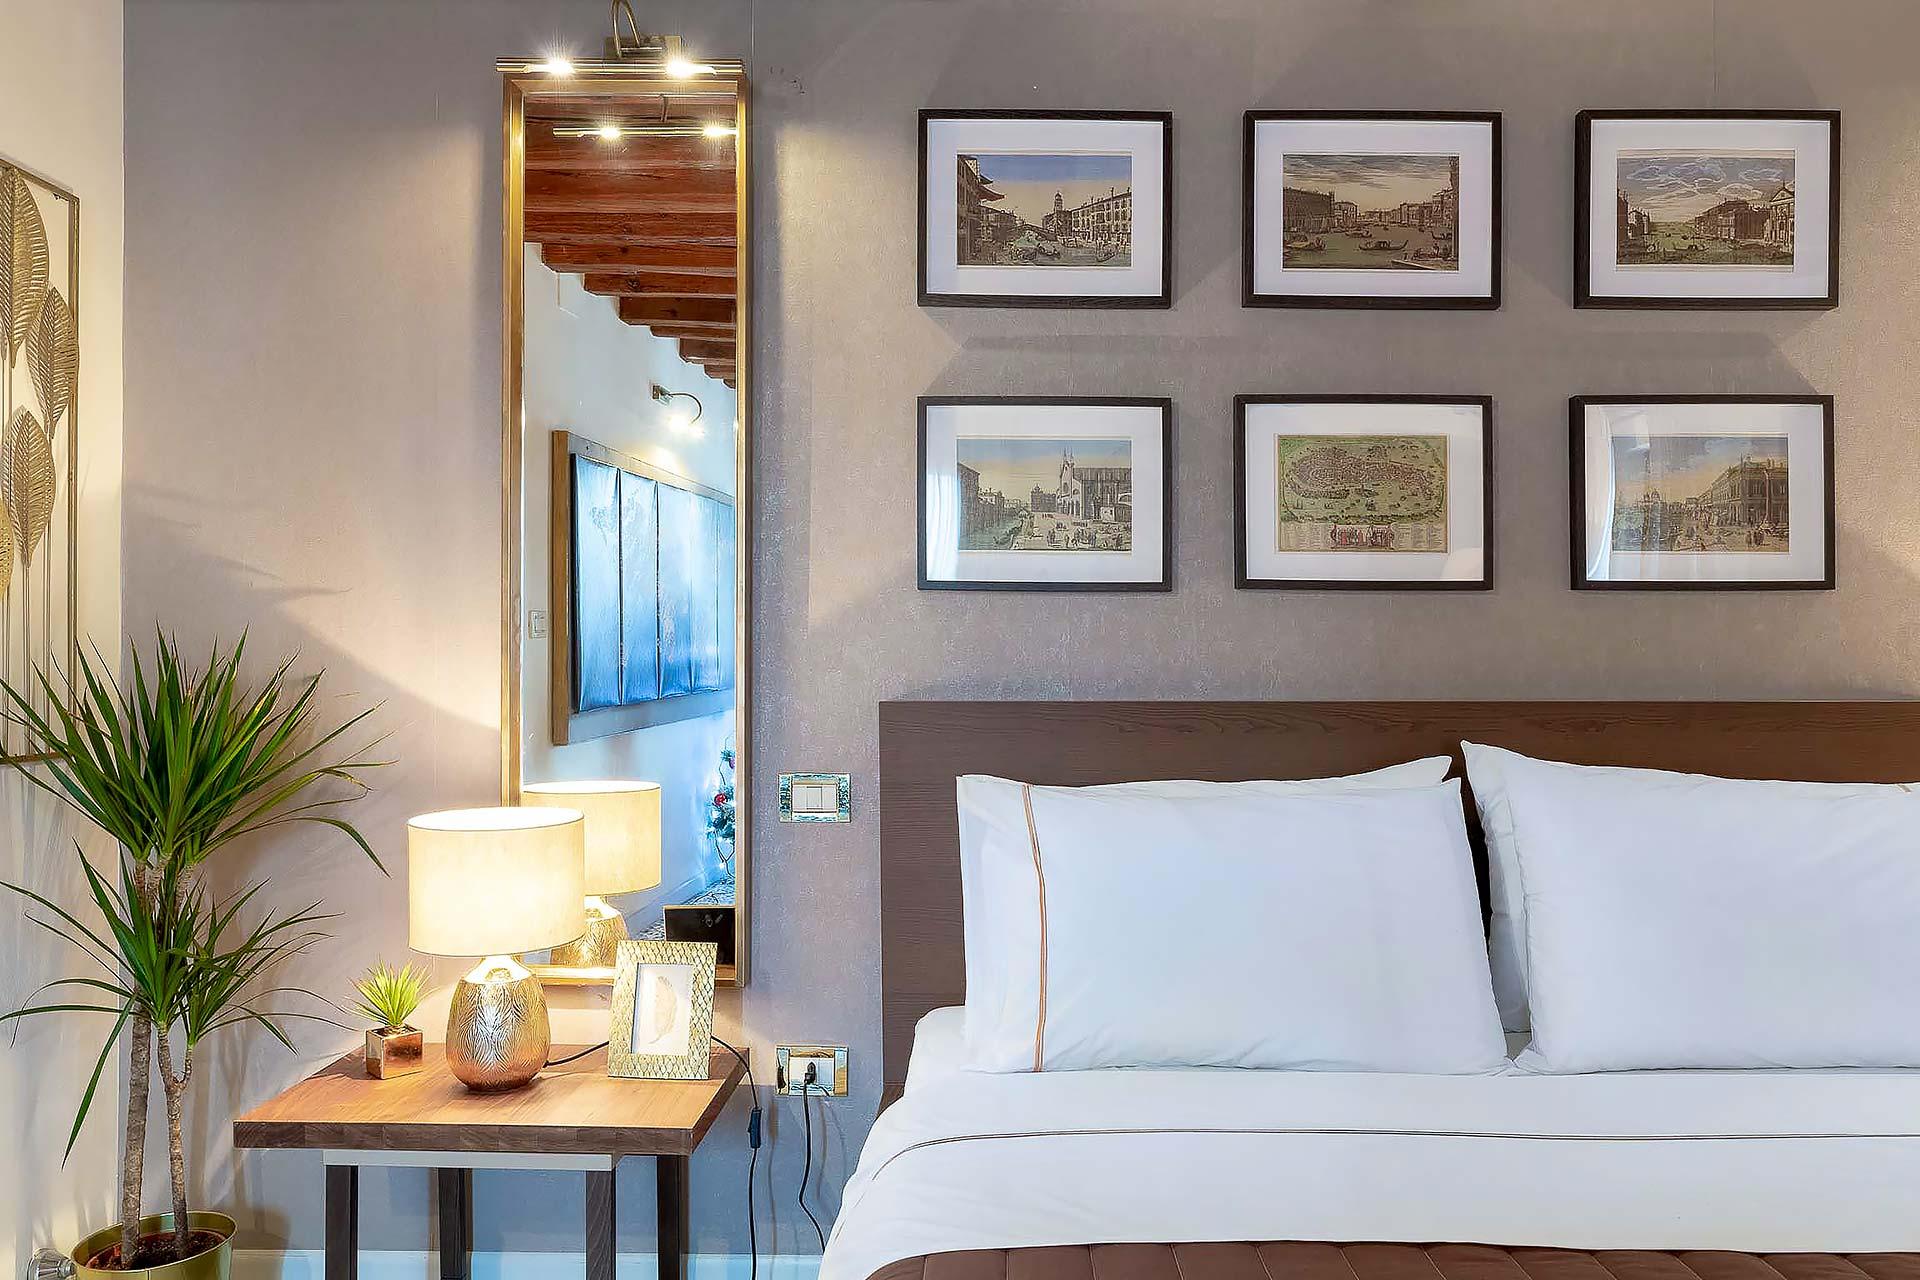 fotografo-airbnb-booking-case-Treviso-Venezia-particolare-camera-letto